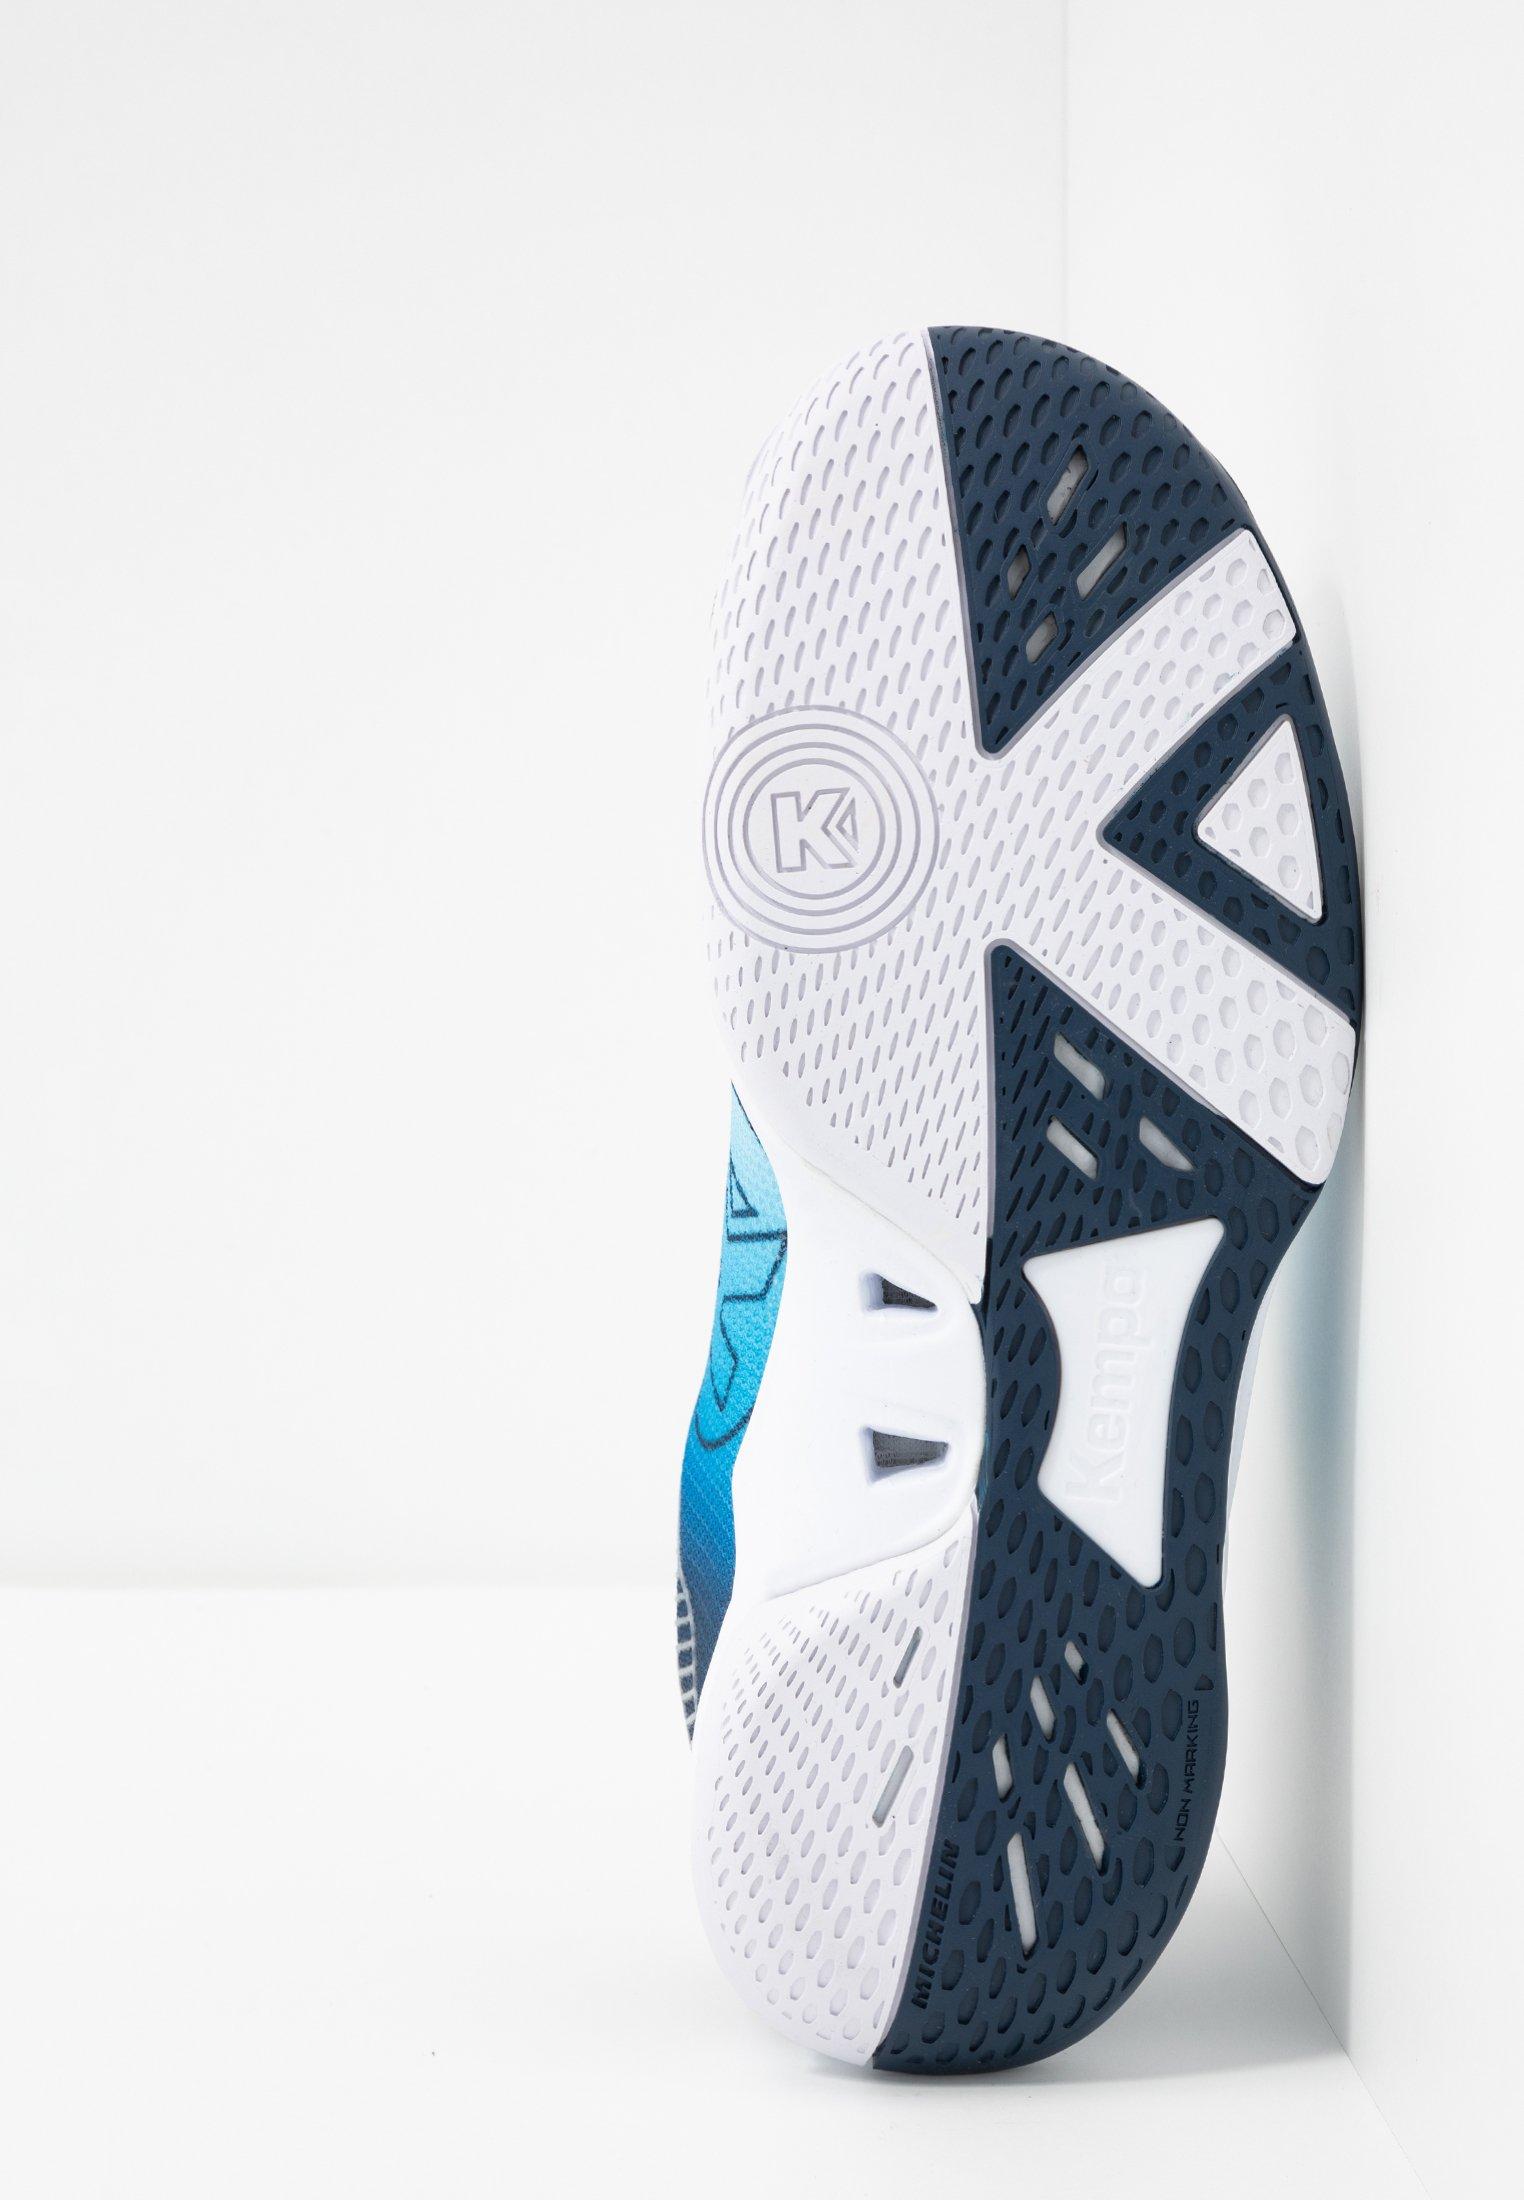 Offerta limite a buon mercato Scarpe da uomo Kempa WING 2.0 Scarpe da pallamano white/navy